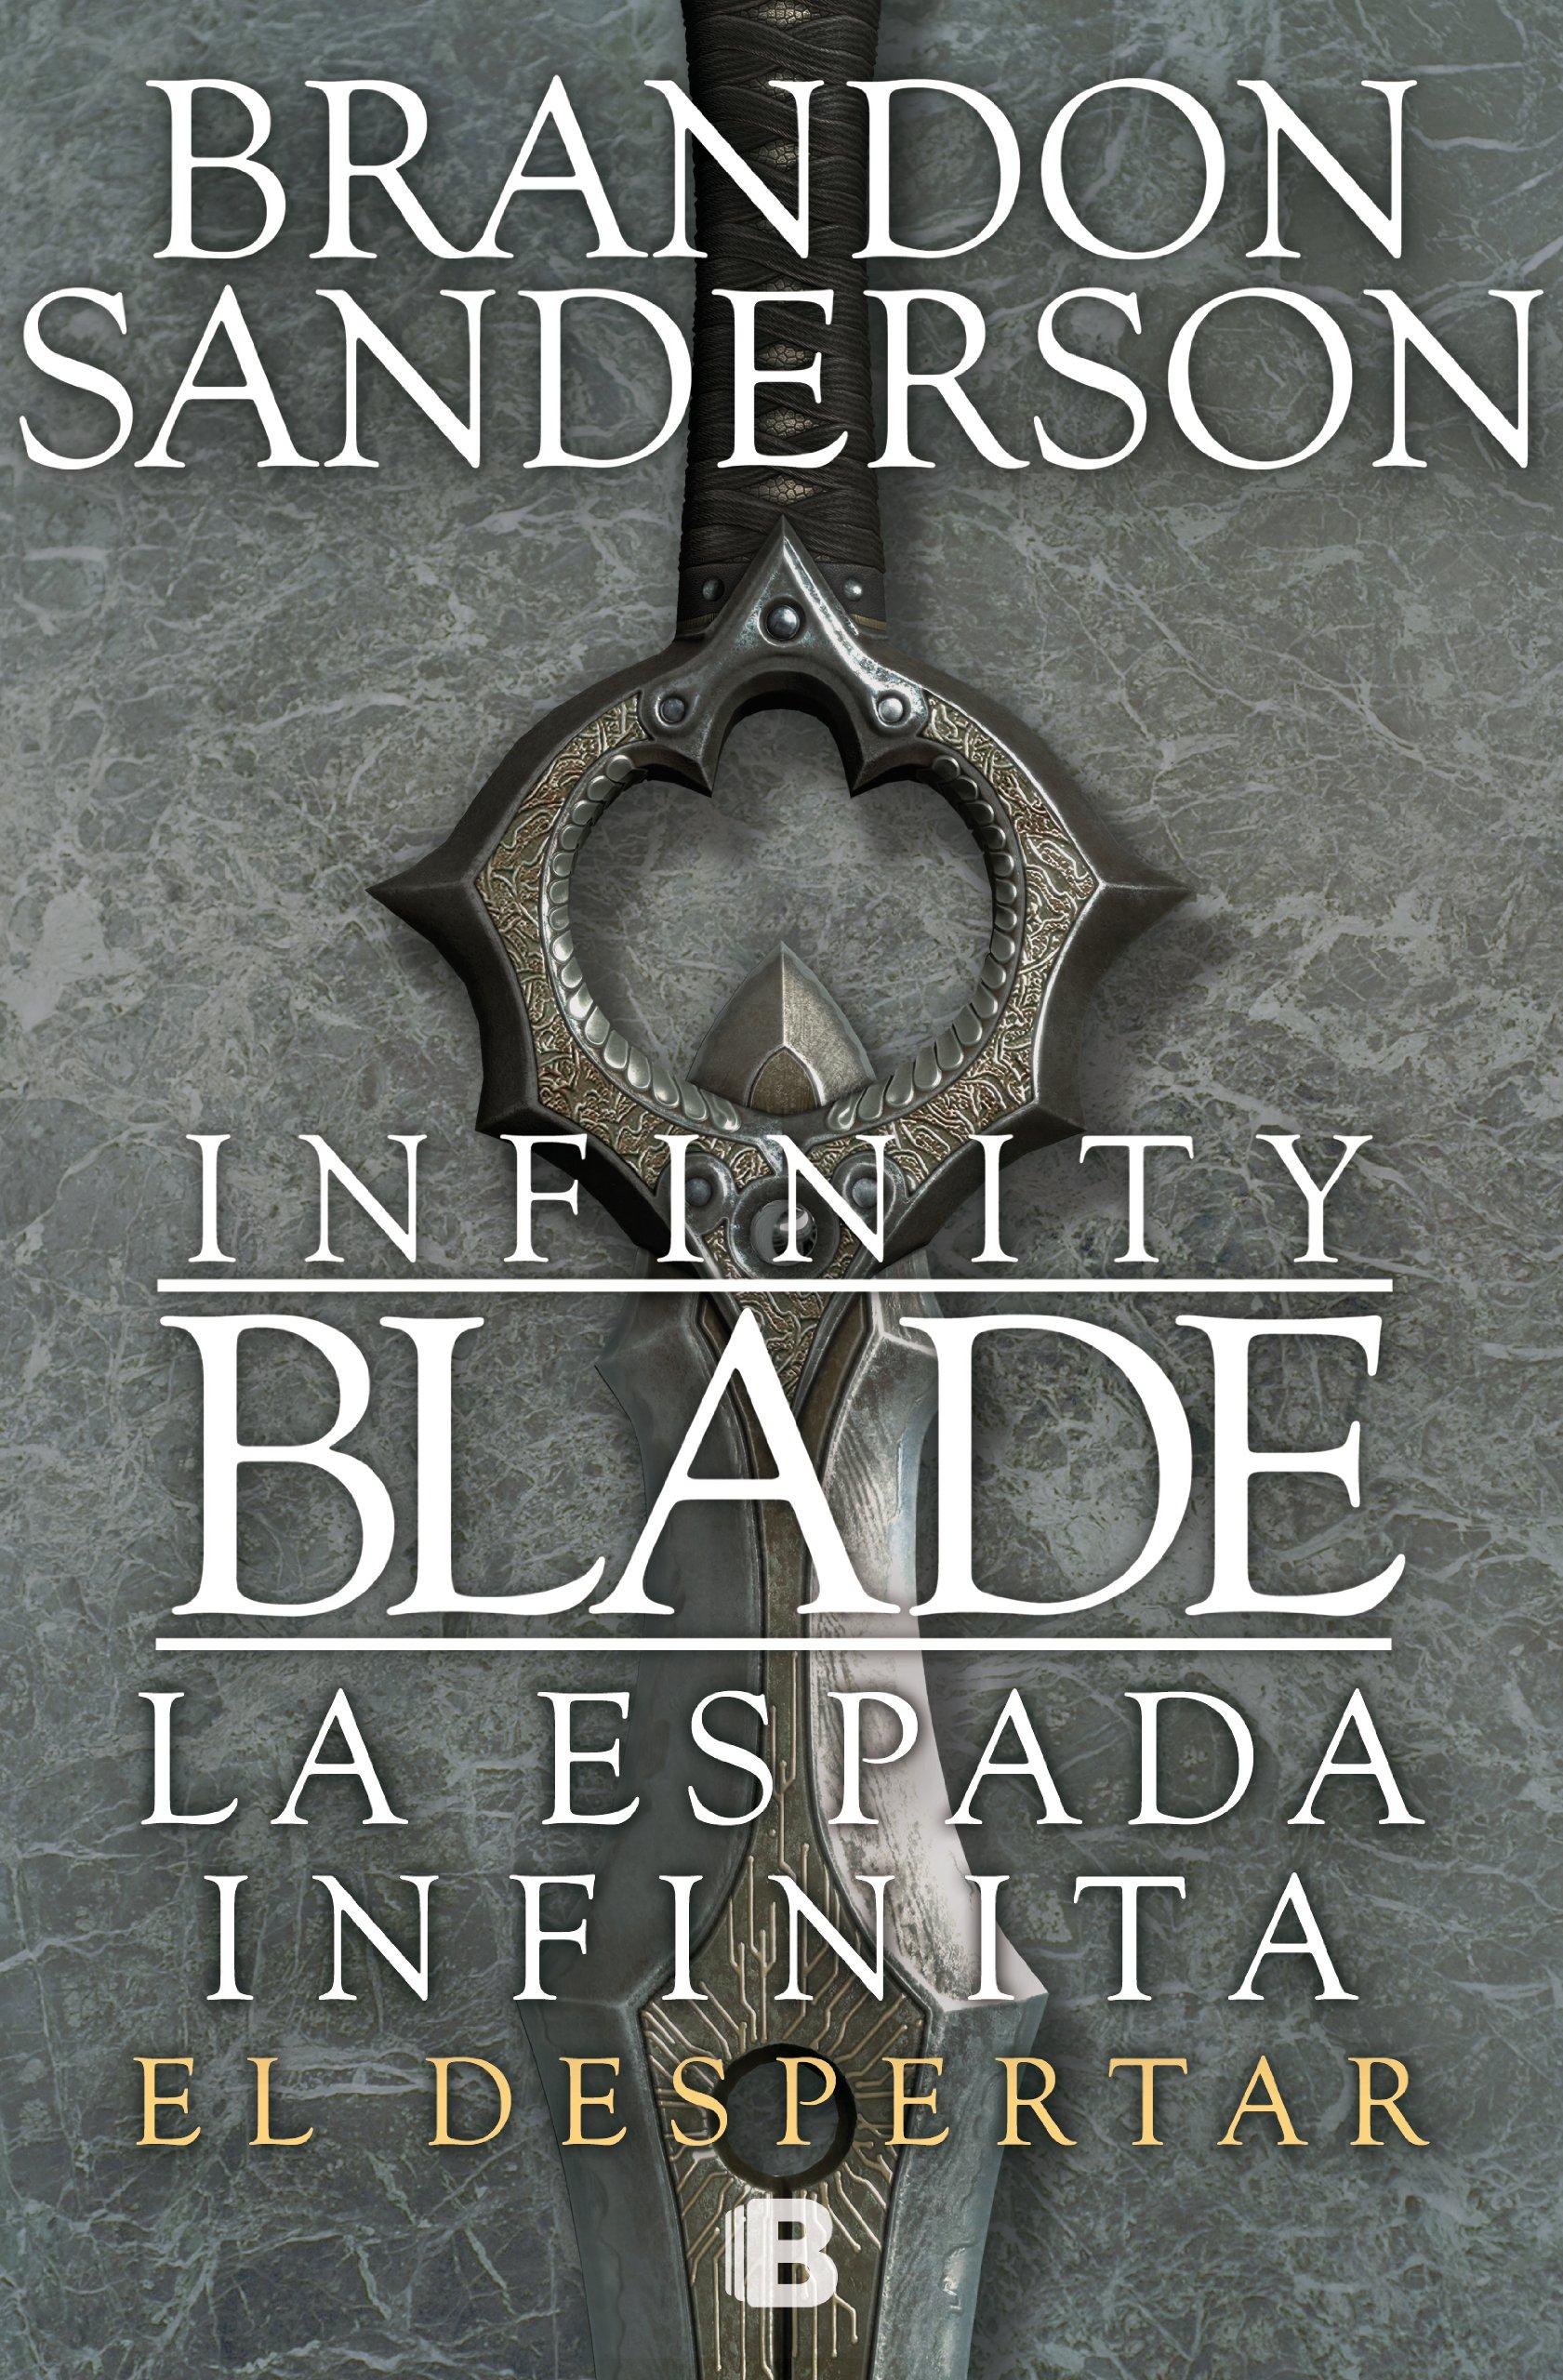 El despertar (Infinity Blade [La espada infinita] 1) (Nova) Tapa blanda – 3 jul 2013 Brandon Sanderson Bediciones 8466653619 Fantasy fiction.